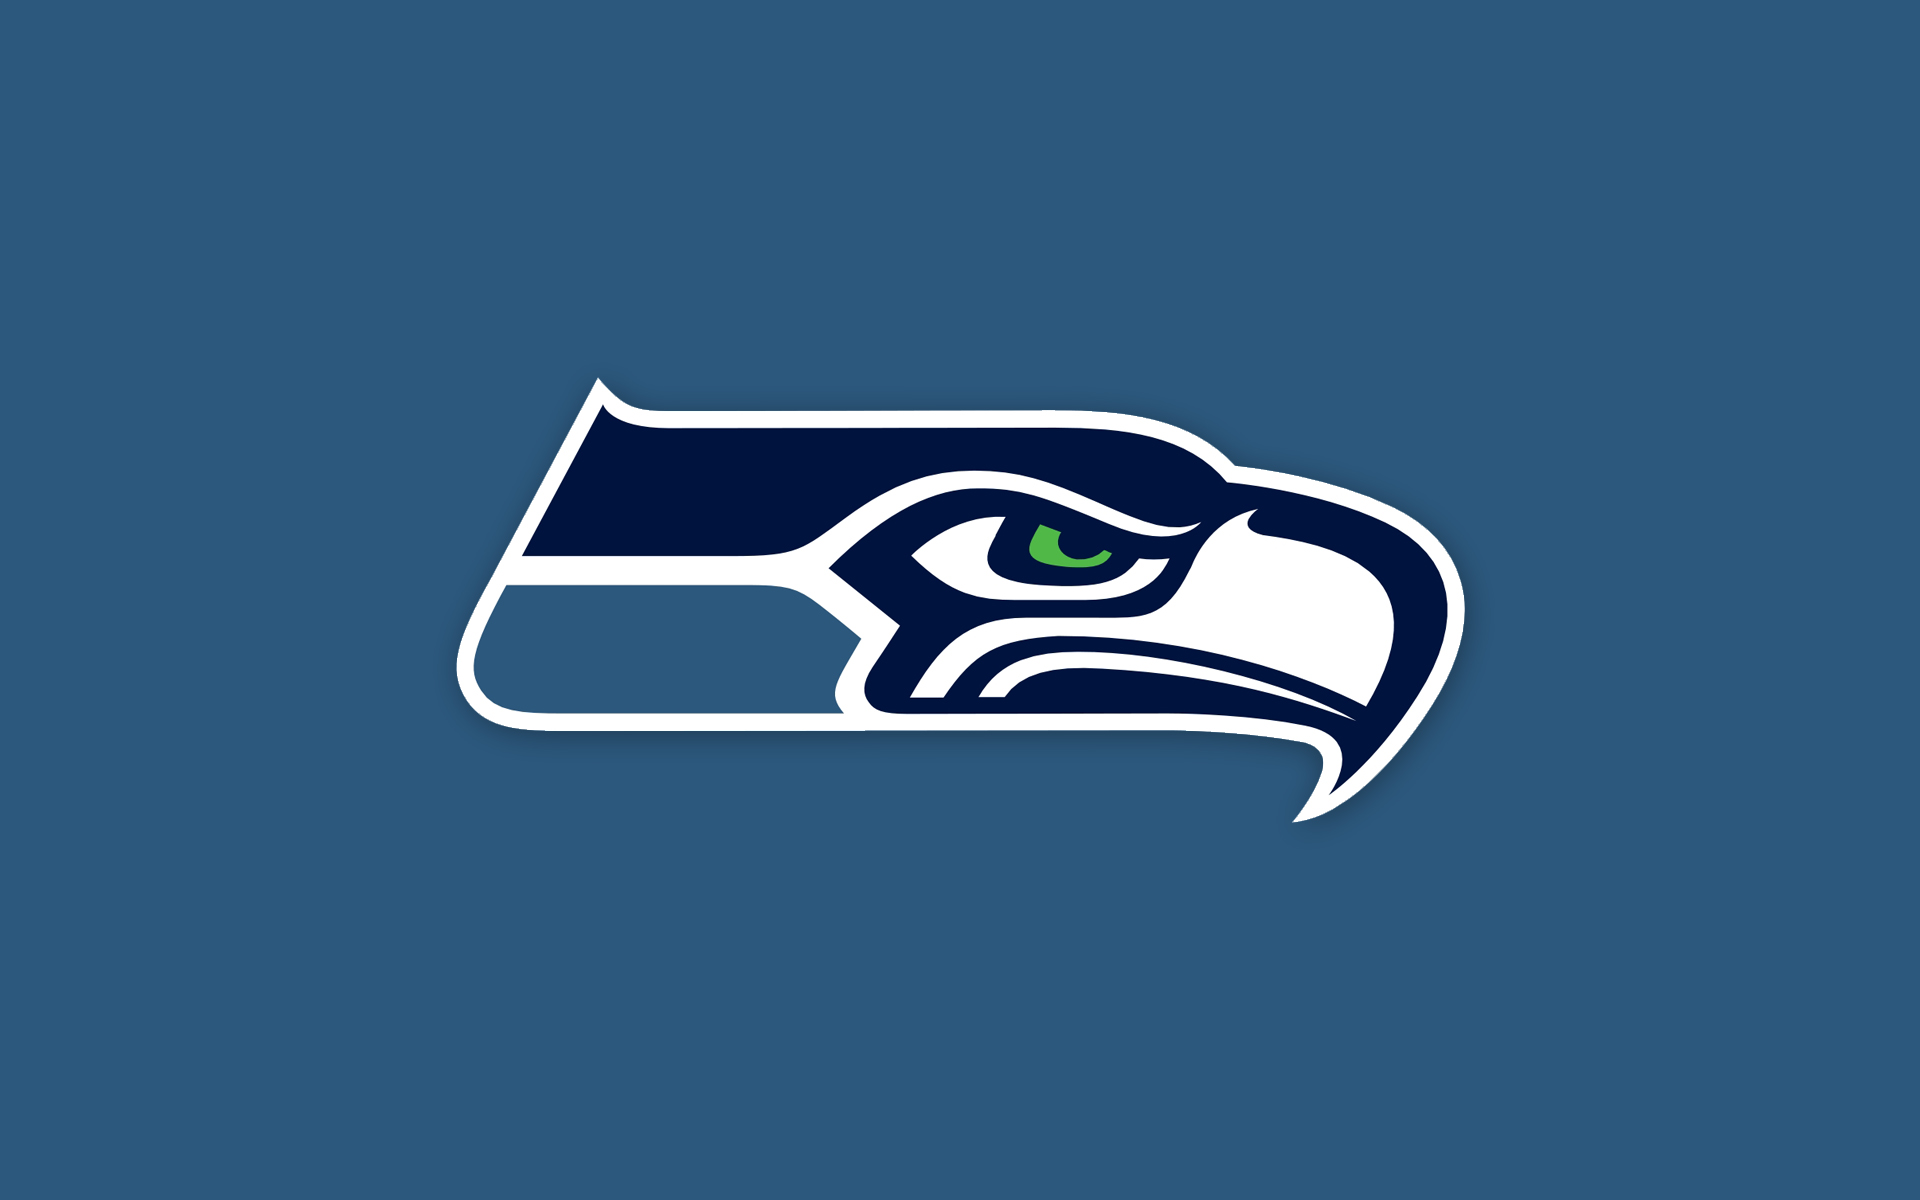 Sports - Seattle Seahawks - Seahawks - Nfl Wallpaper